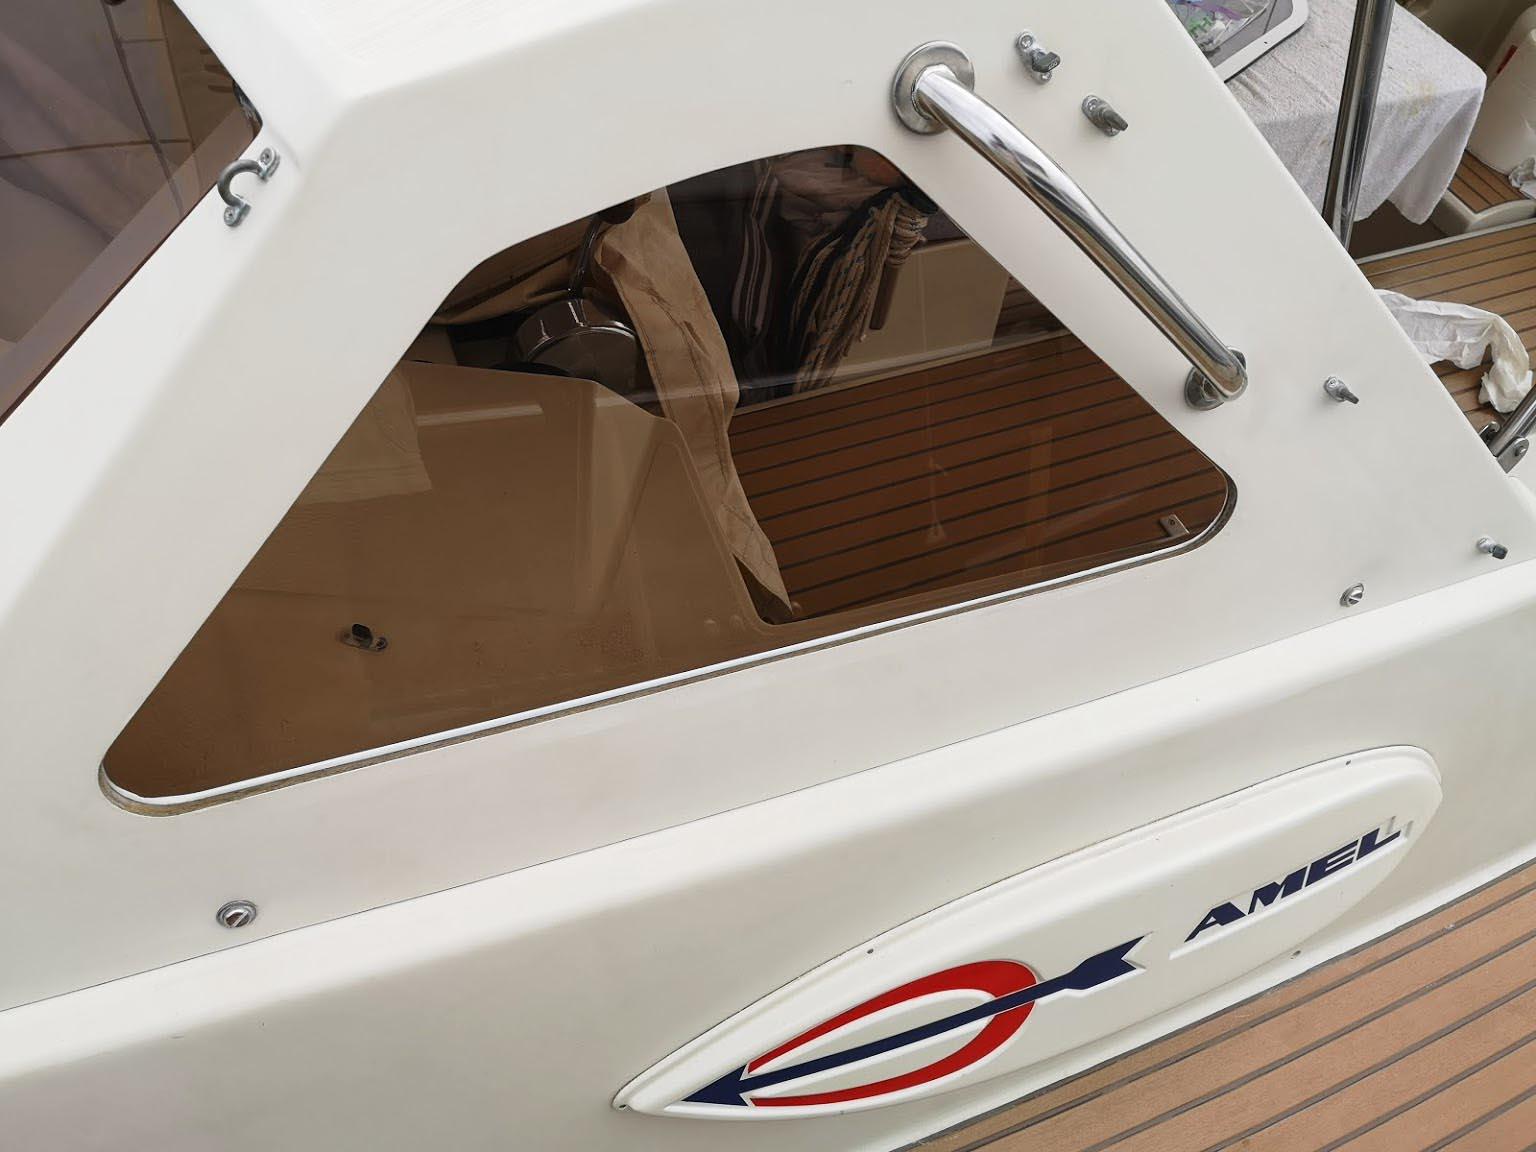 Ventana barco metacrilato - Metacrilaser